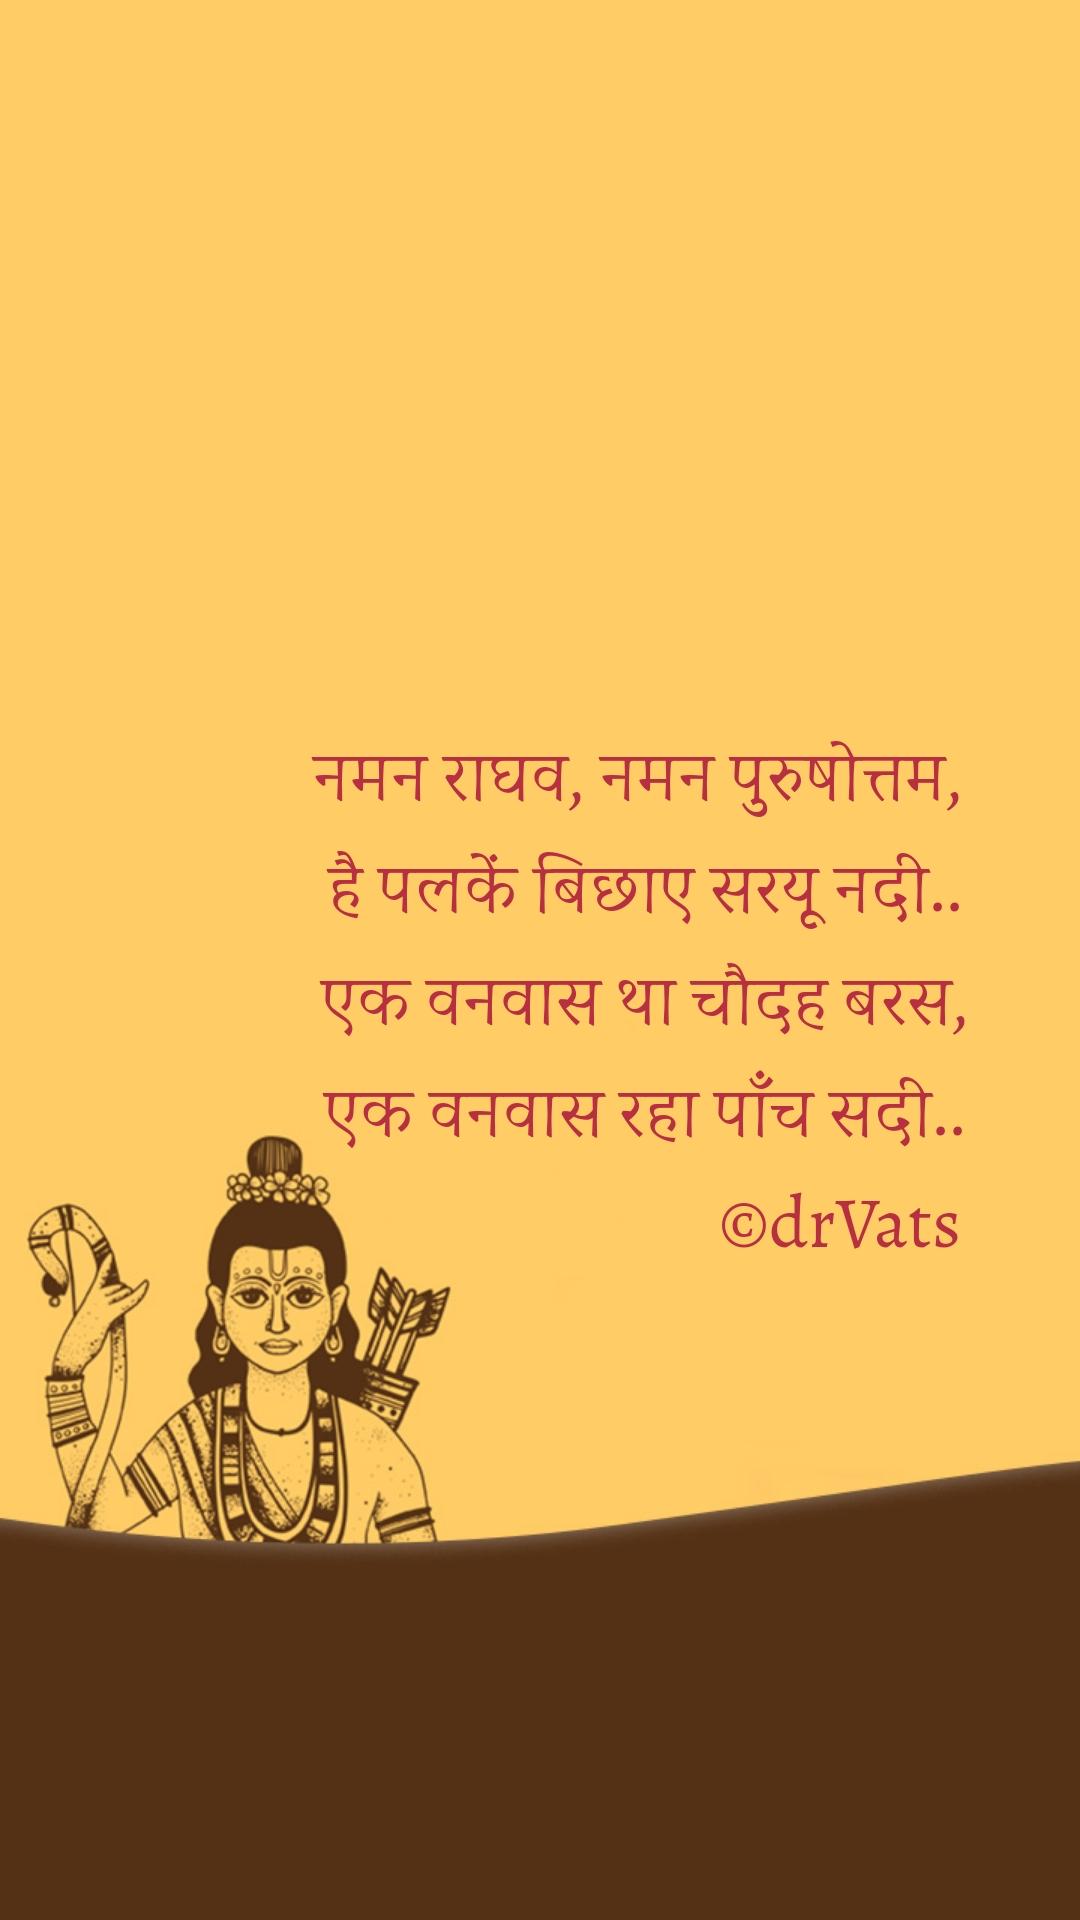 नमन राघव, नमन पुरुषोत्तम,  है पलकें बिछाए सरयू नदी.. एक वनवास था चौदह बरस, एक वनवास रहा पाँच सदी..                           ©drVats